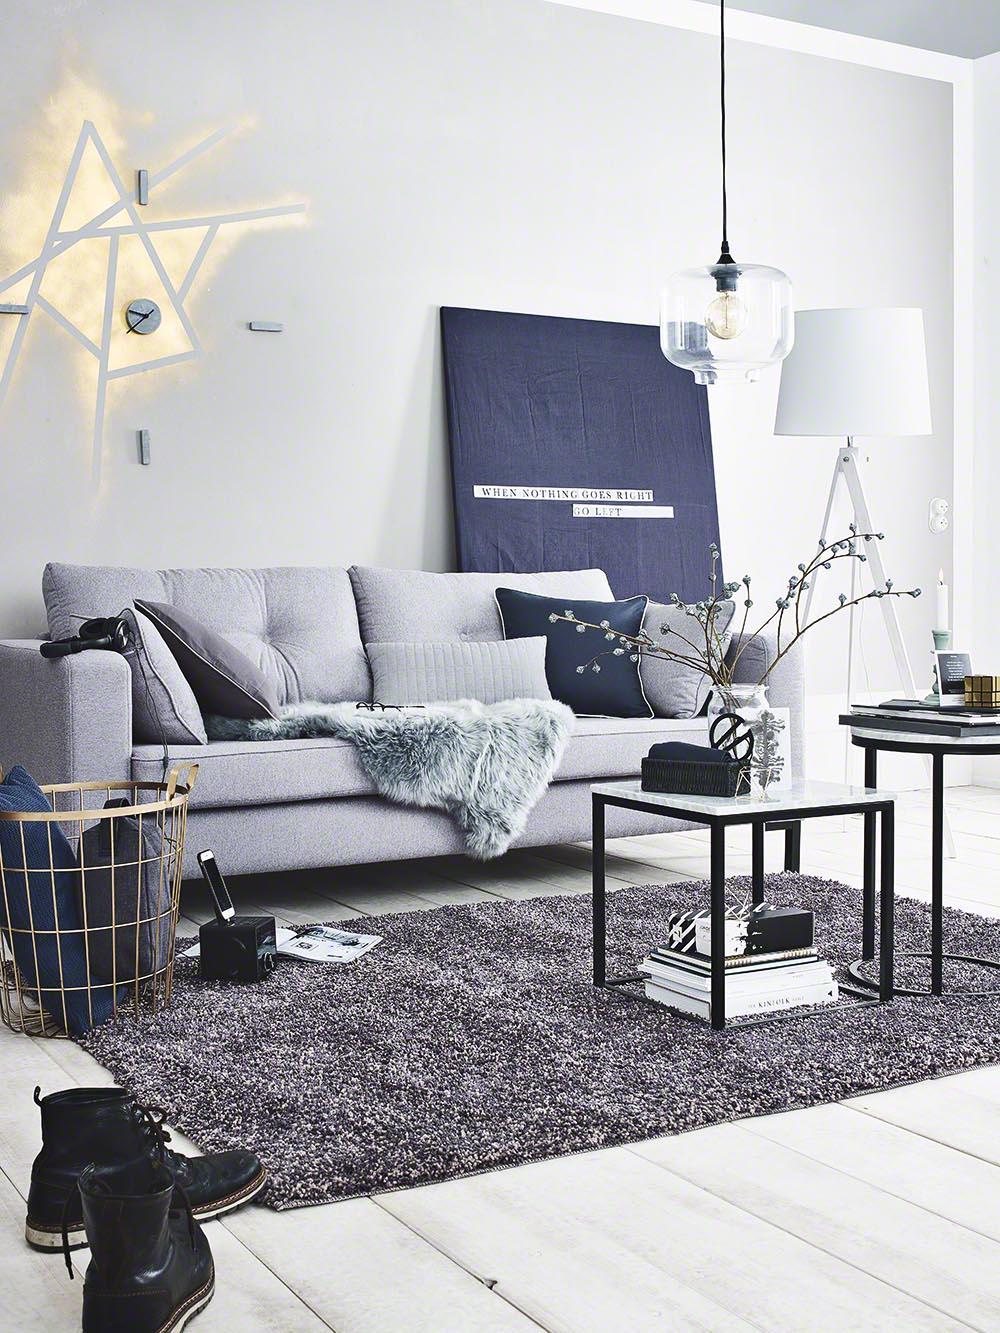 Interior und Lifestyle-Fotografie für DEPOT - modern eingerichtete Wohn- und Schlafzimmer